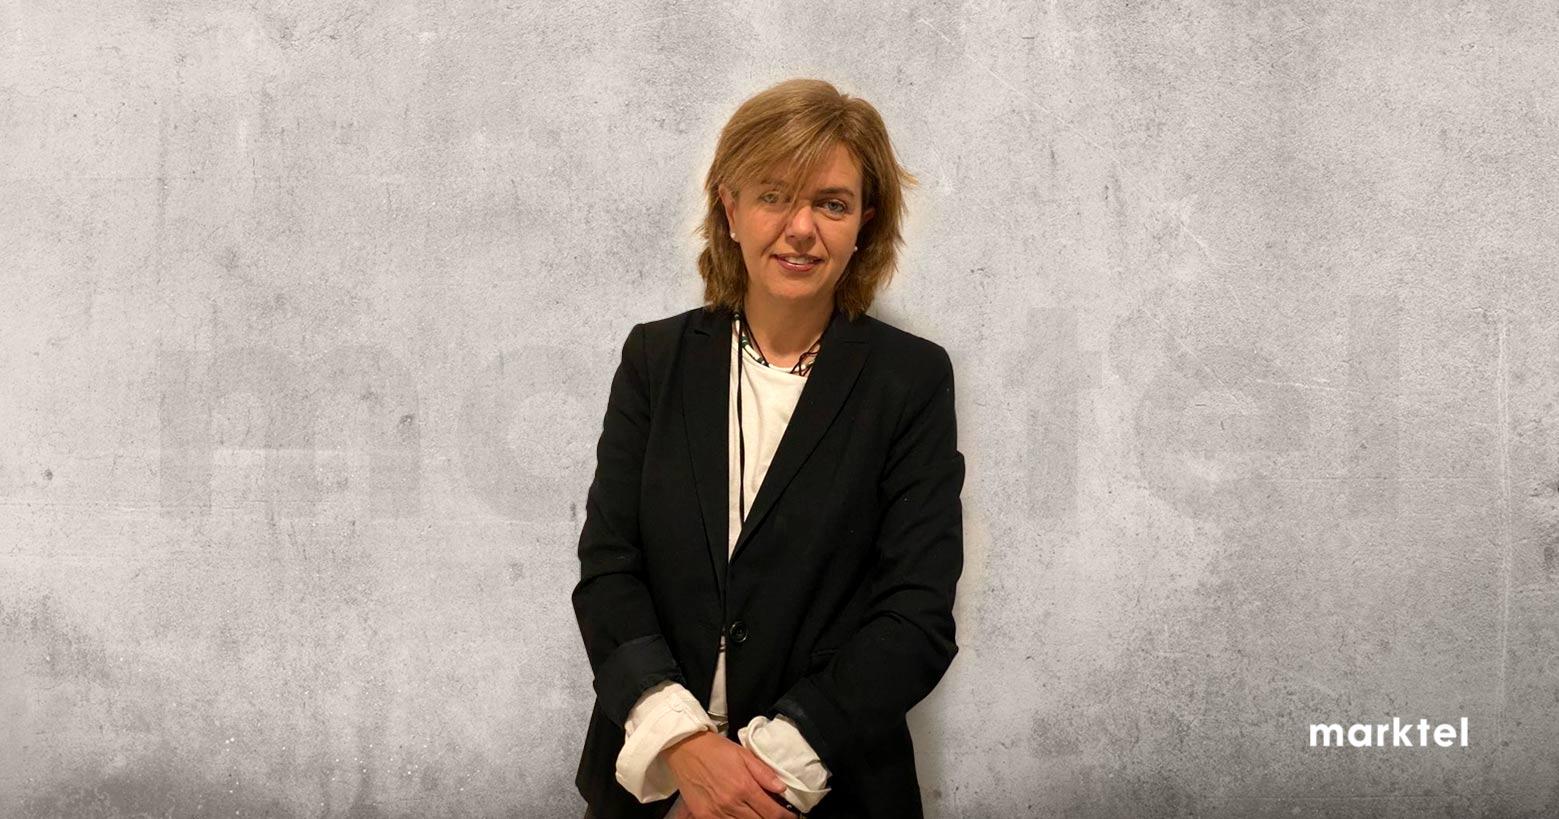 Rocío Sánchez Luna, Directora de Soporte a la Operación de Marktel